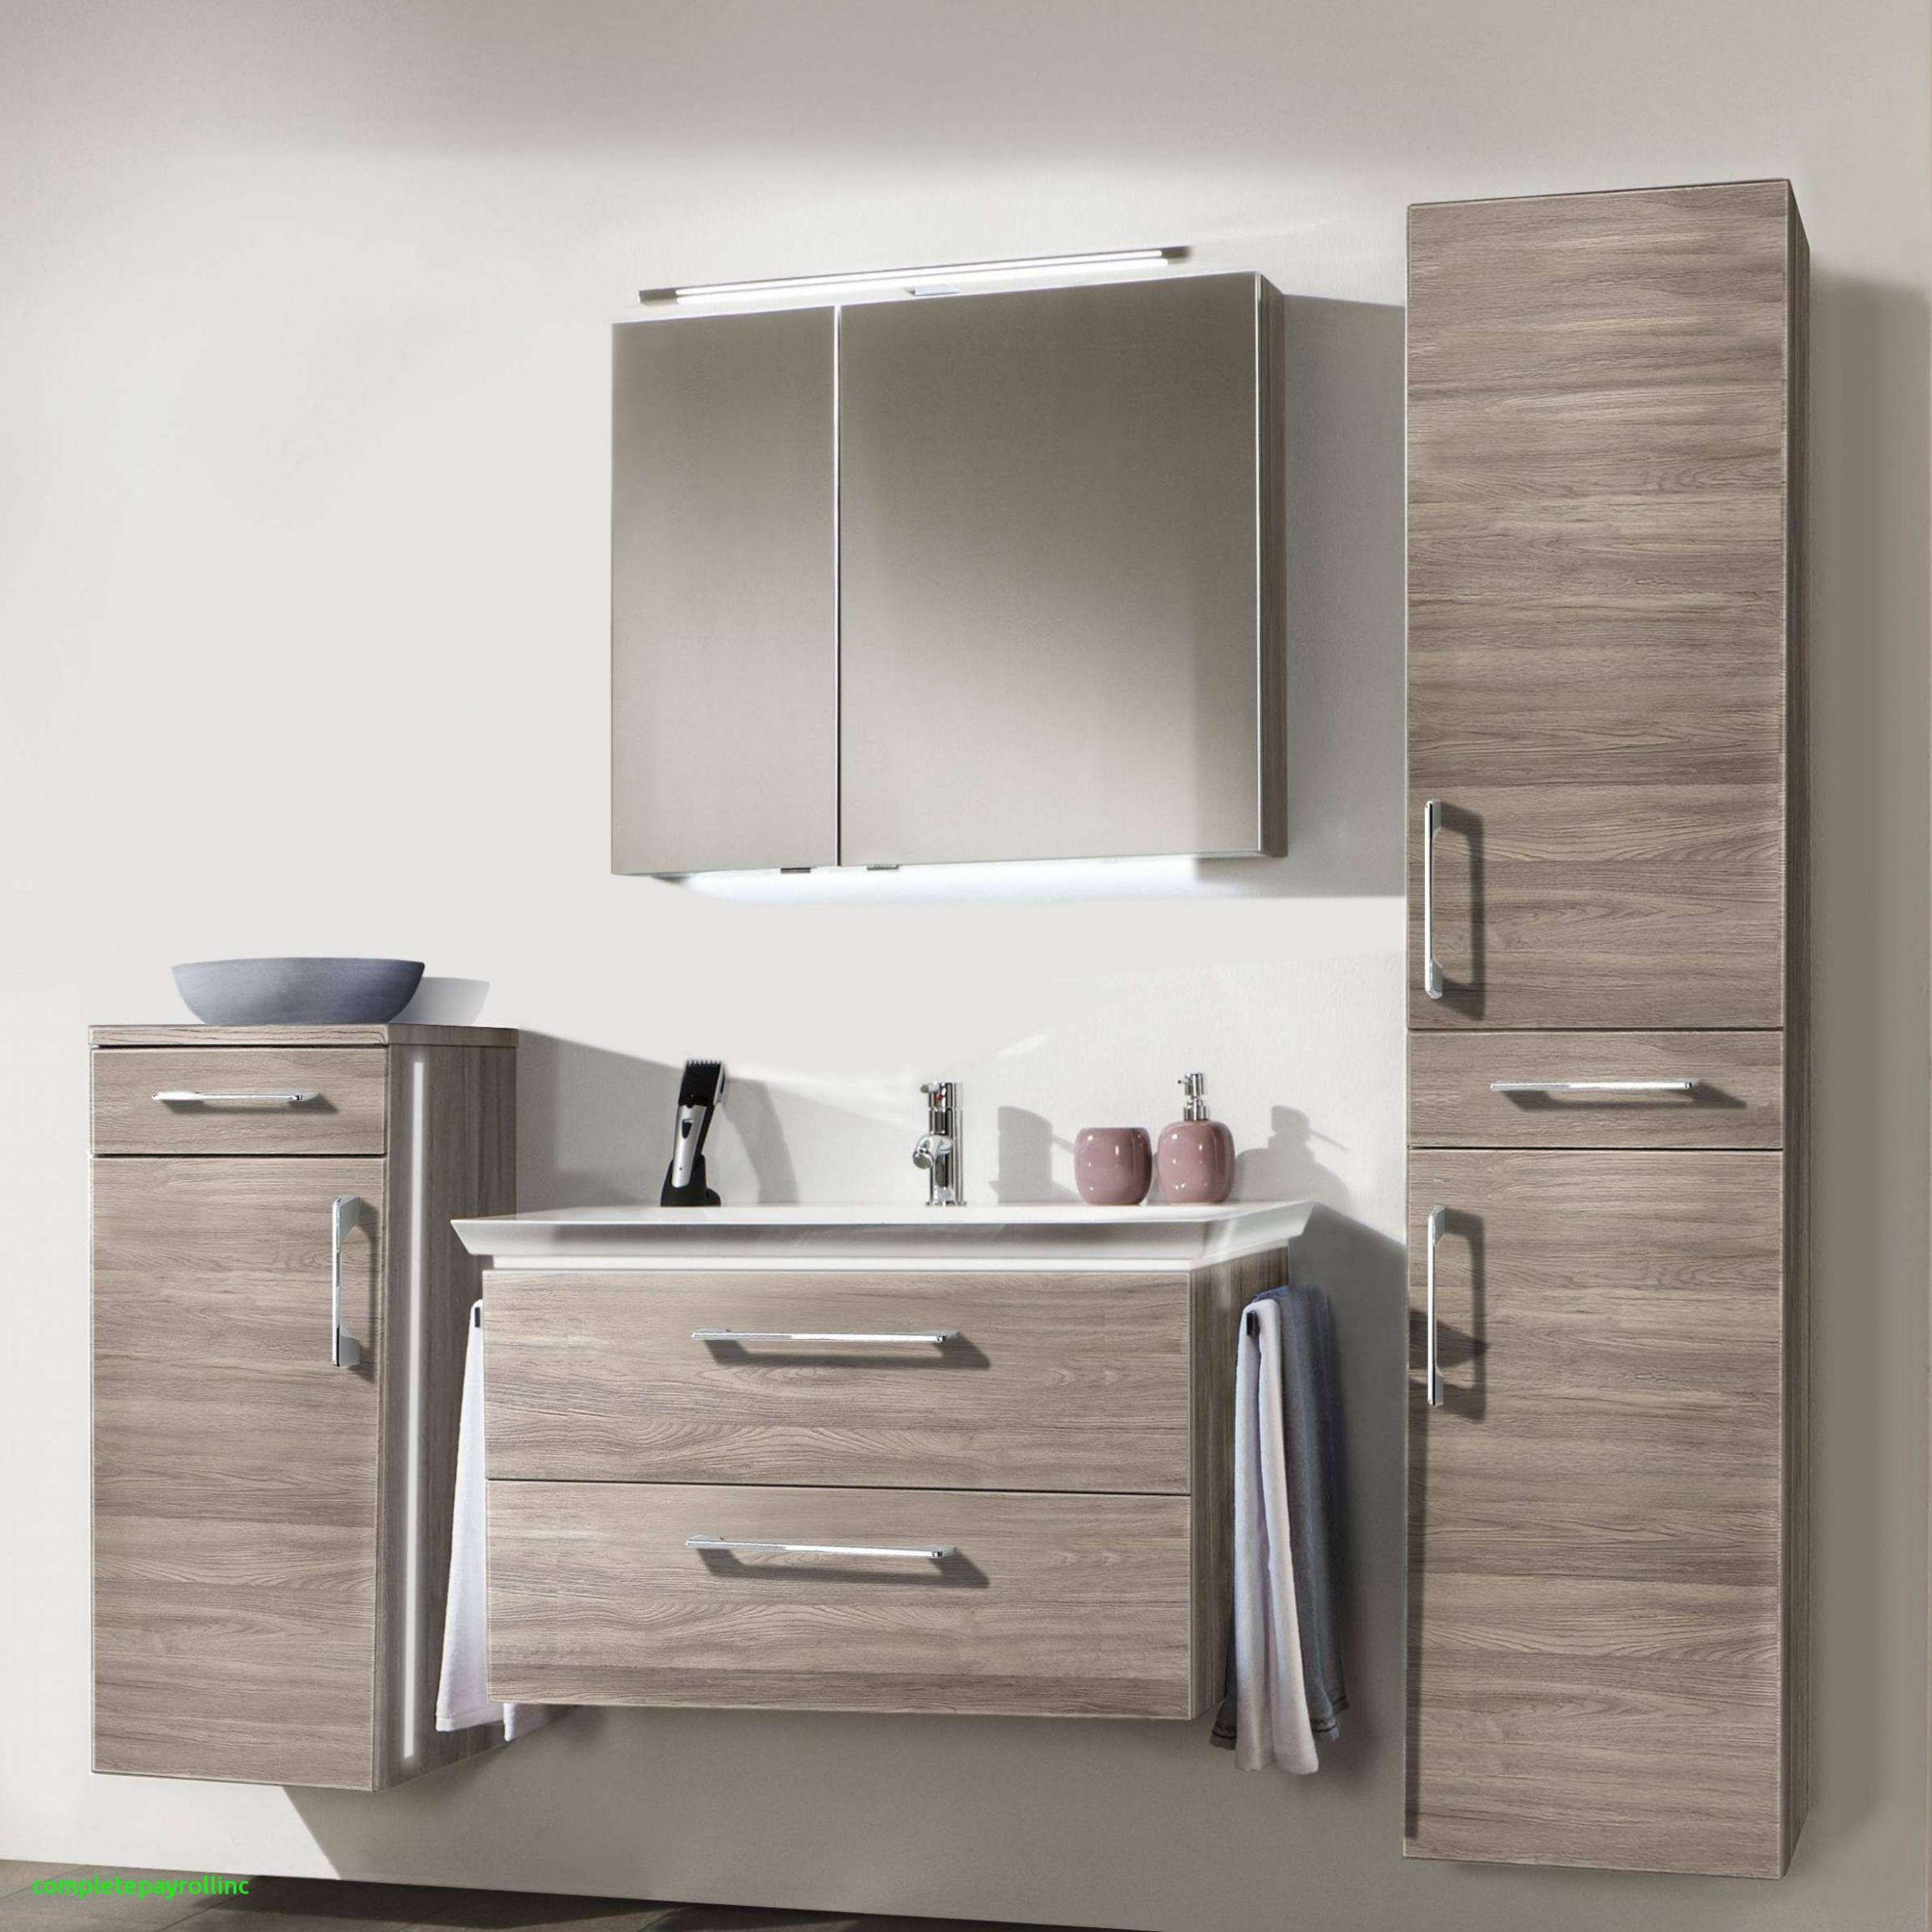 13 Otto Badezimmermobel Videoderappdownload Eintagamsee Badezimmer Gunstig Unterschrank Kuche Badezimmer Design